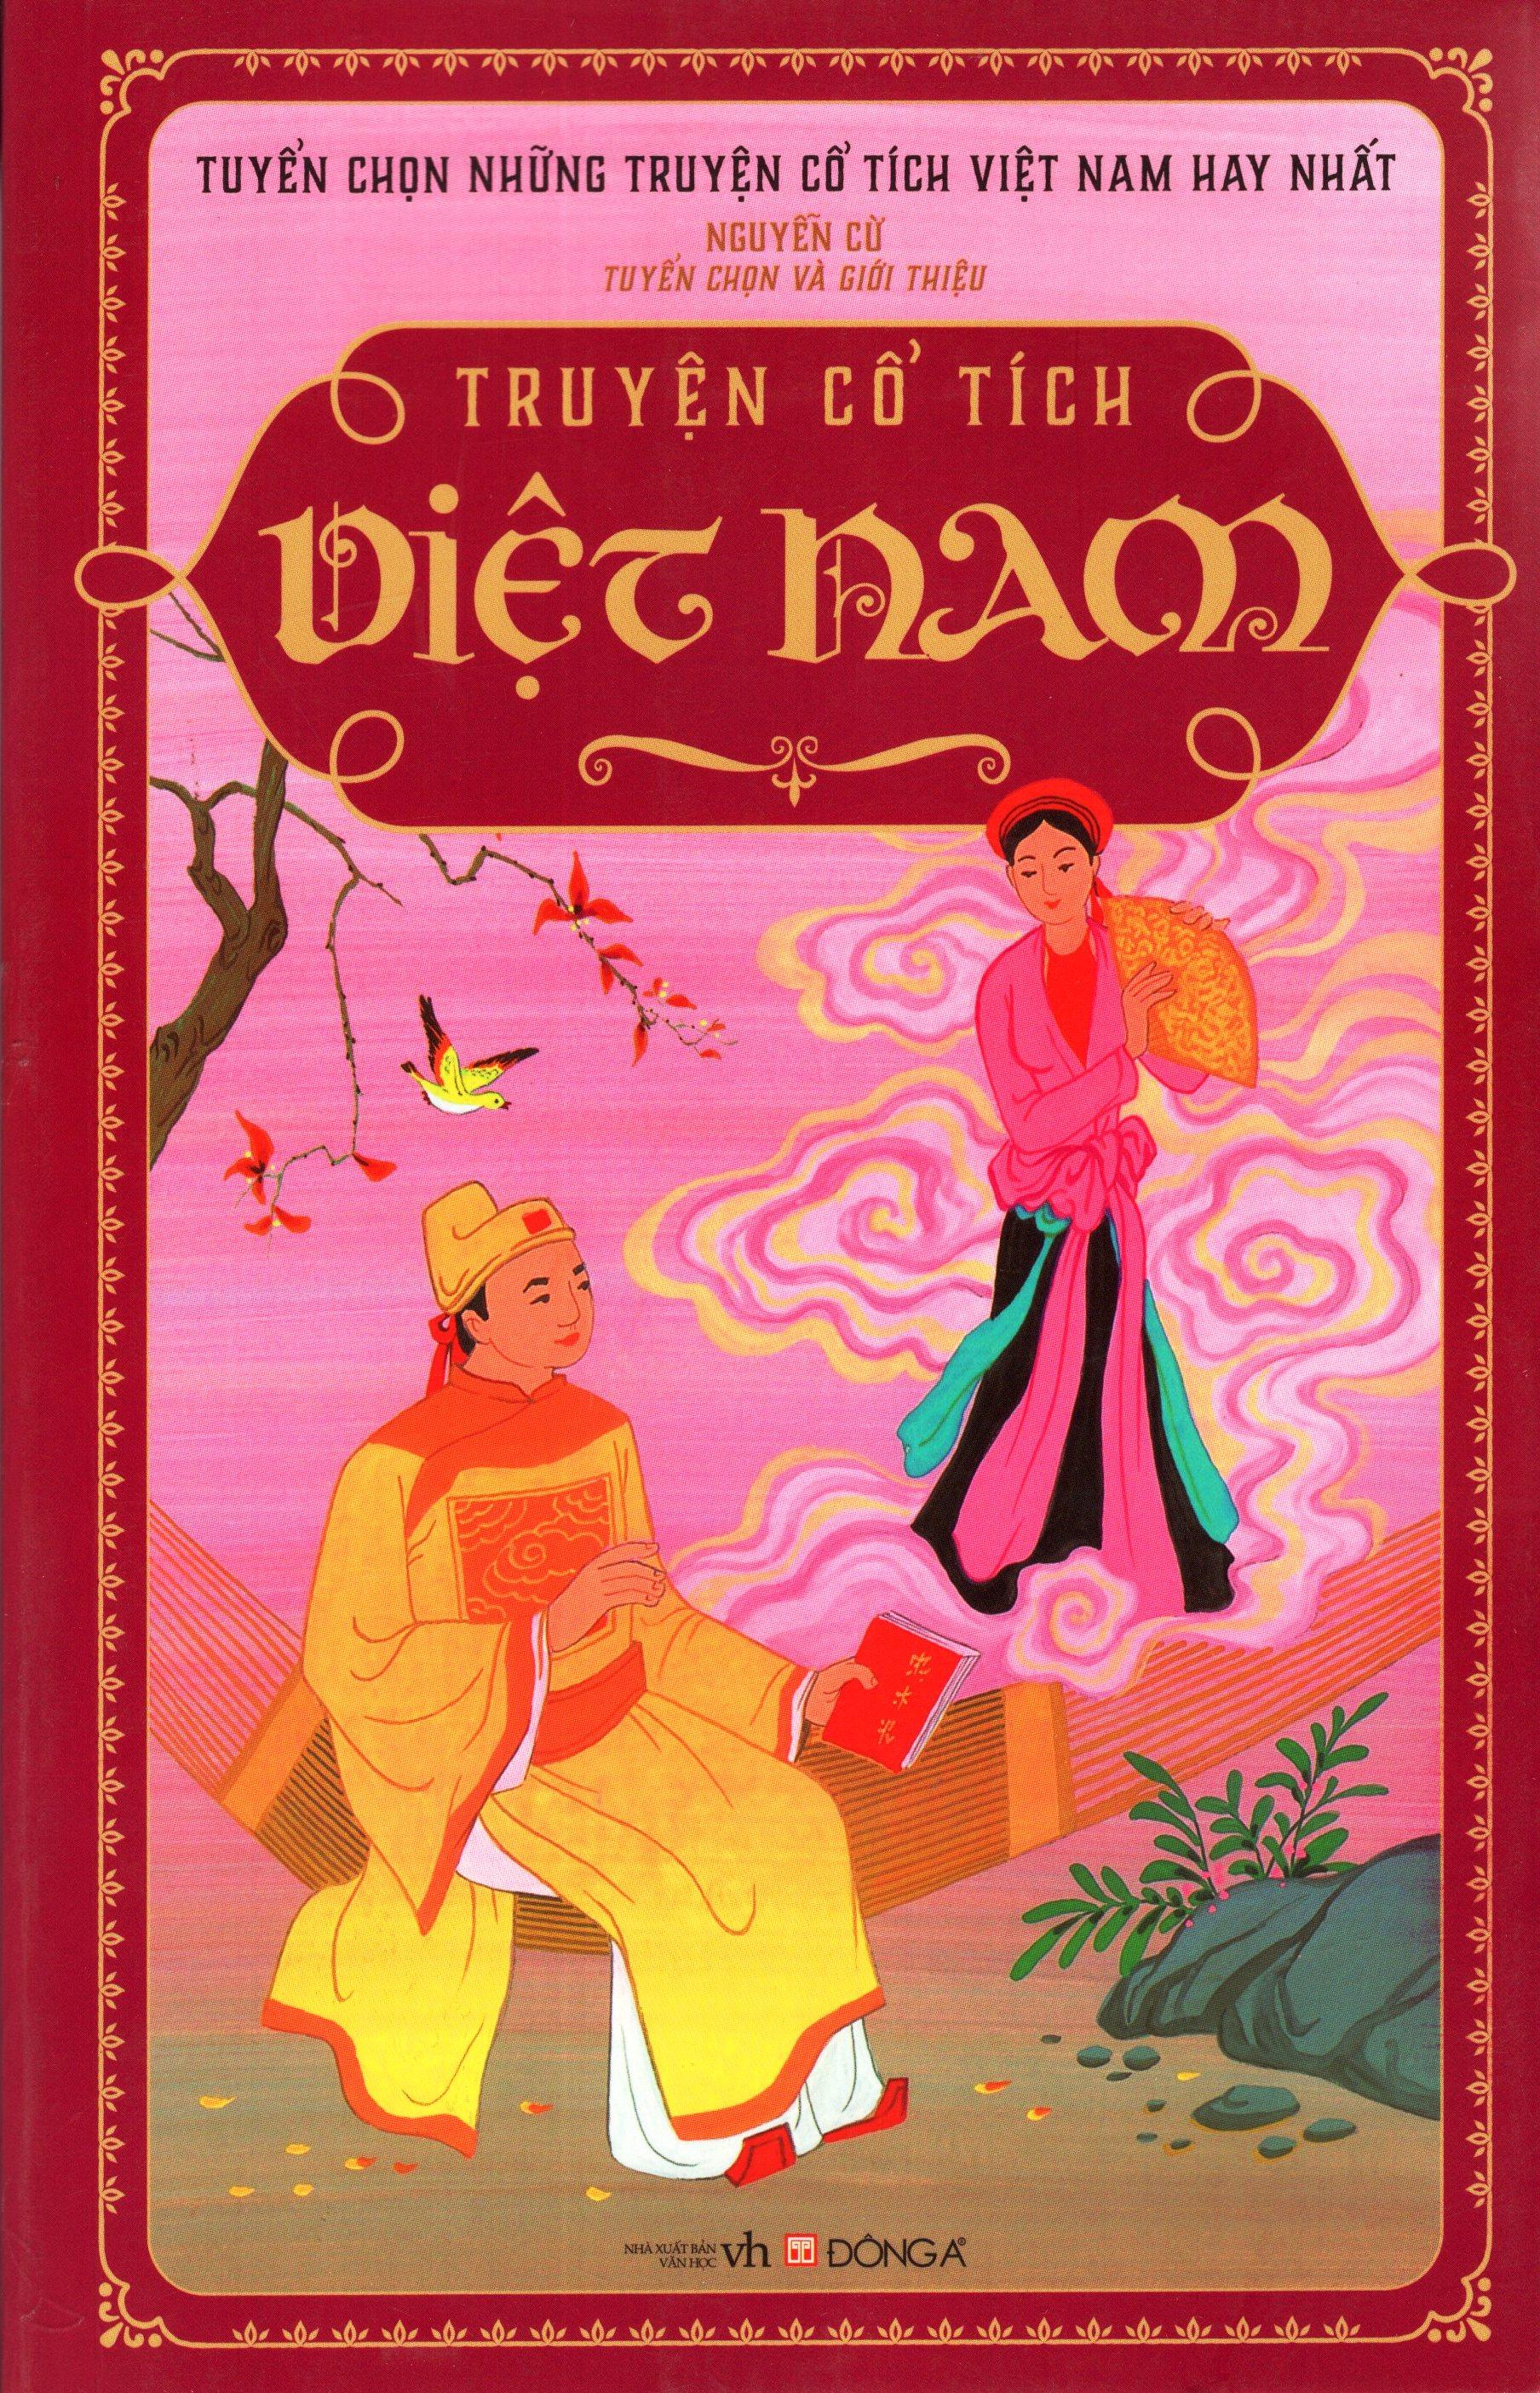 Bìa sách Truyện Cổ Tích Việt Nam (Tái Bản 2015)